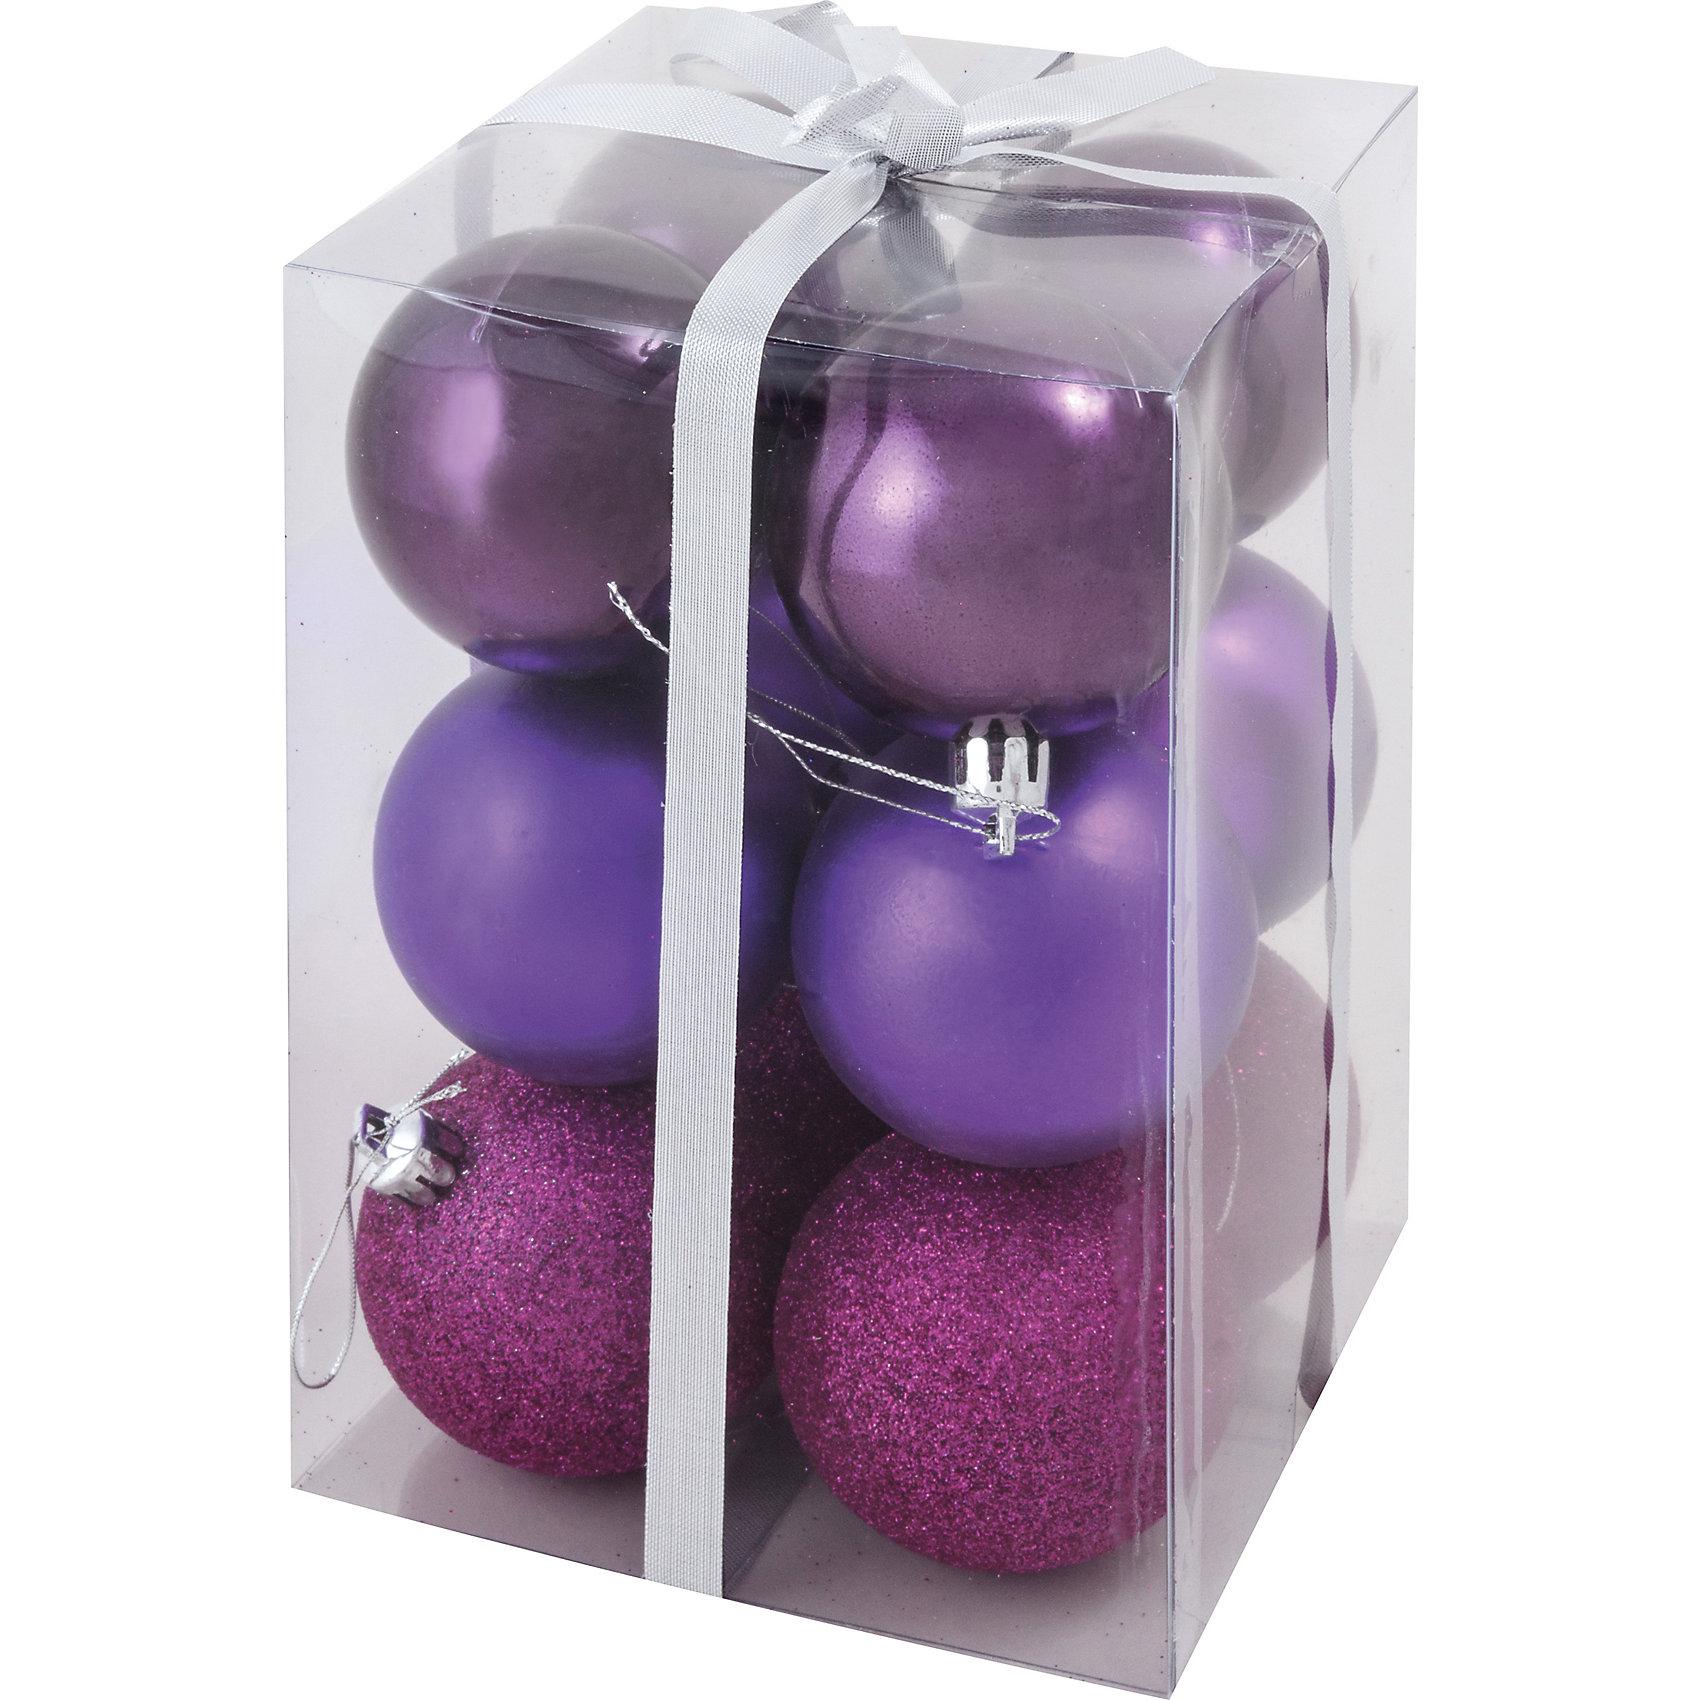 Фиолетовый набор шаров (6 шт)Фиолетовый набор шаров, Волшебная страна, станет замечательным украшением для Вашей новогодней елки и поможет создать праздничную волшебную атмосферу. В комплекте двенадцать  шаров красивого баклажанового цвета с разными поверхностями (матовые, глянцевые и блестящие), они будут чудесно смотреться на елке и радовать детей и взрослых. Шары упакованы в прозрачную коробочку из ПВХ.<br><br>Дополнительная информация:<br><br>- Цвет: баклажановый.<br>- В комплекте: 12 шт. (4 глянцевых, 4 матовых, 4 блестящих).<br>- Материал: пластик.<br>- Диаметр шара: 6 см.<br>- Размер упаковки: 11 x 18 x 12 см.<br>- Вес: 188 гр.<br><br>Фиолетовый набор шаров (6 шт.), Волшебная страна, можно купить в нашем интернет-магазине.<br><br>Ширина мм: 110<br>Глубина мм: 180<br>Высота мм: 120<br>Вес г: 188<br>Возраст от месяцев: 36<br>Возраст до месяцев: 2147483647<br>Пол: Унисекс<br>Возраст: Детский<br>SKU: 4288650